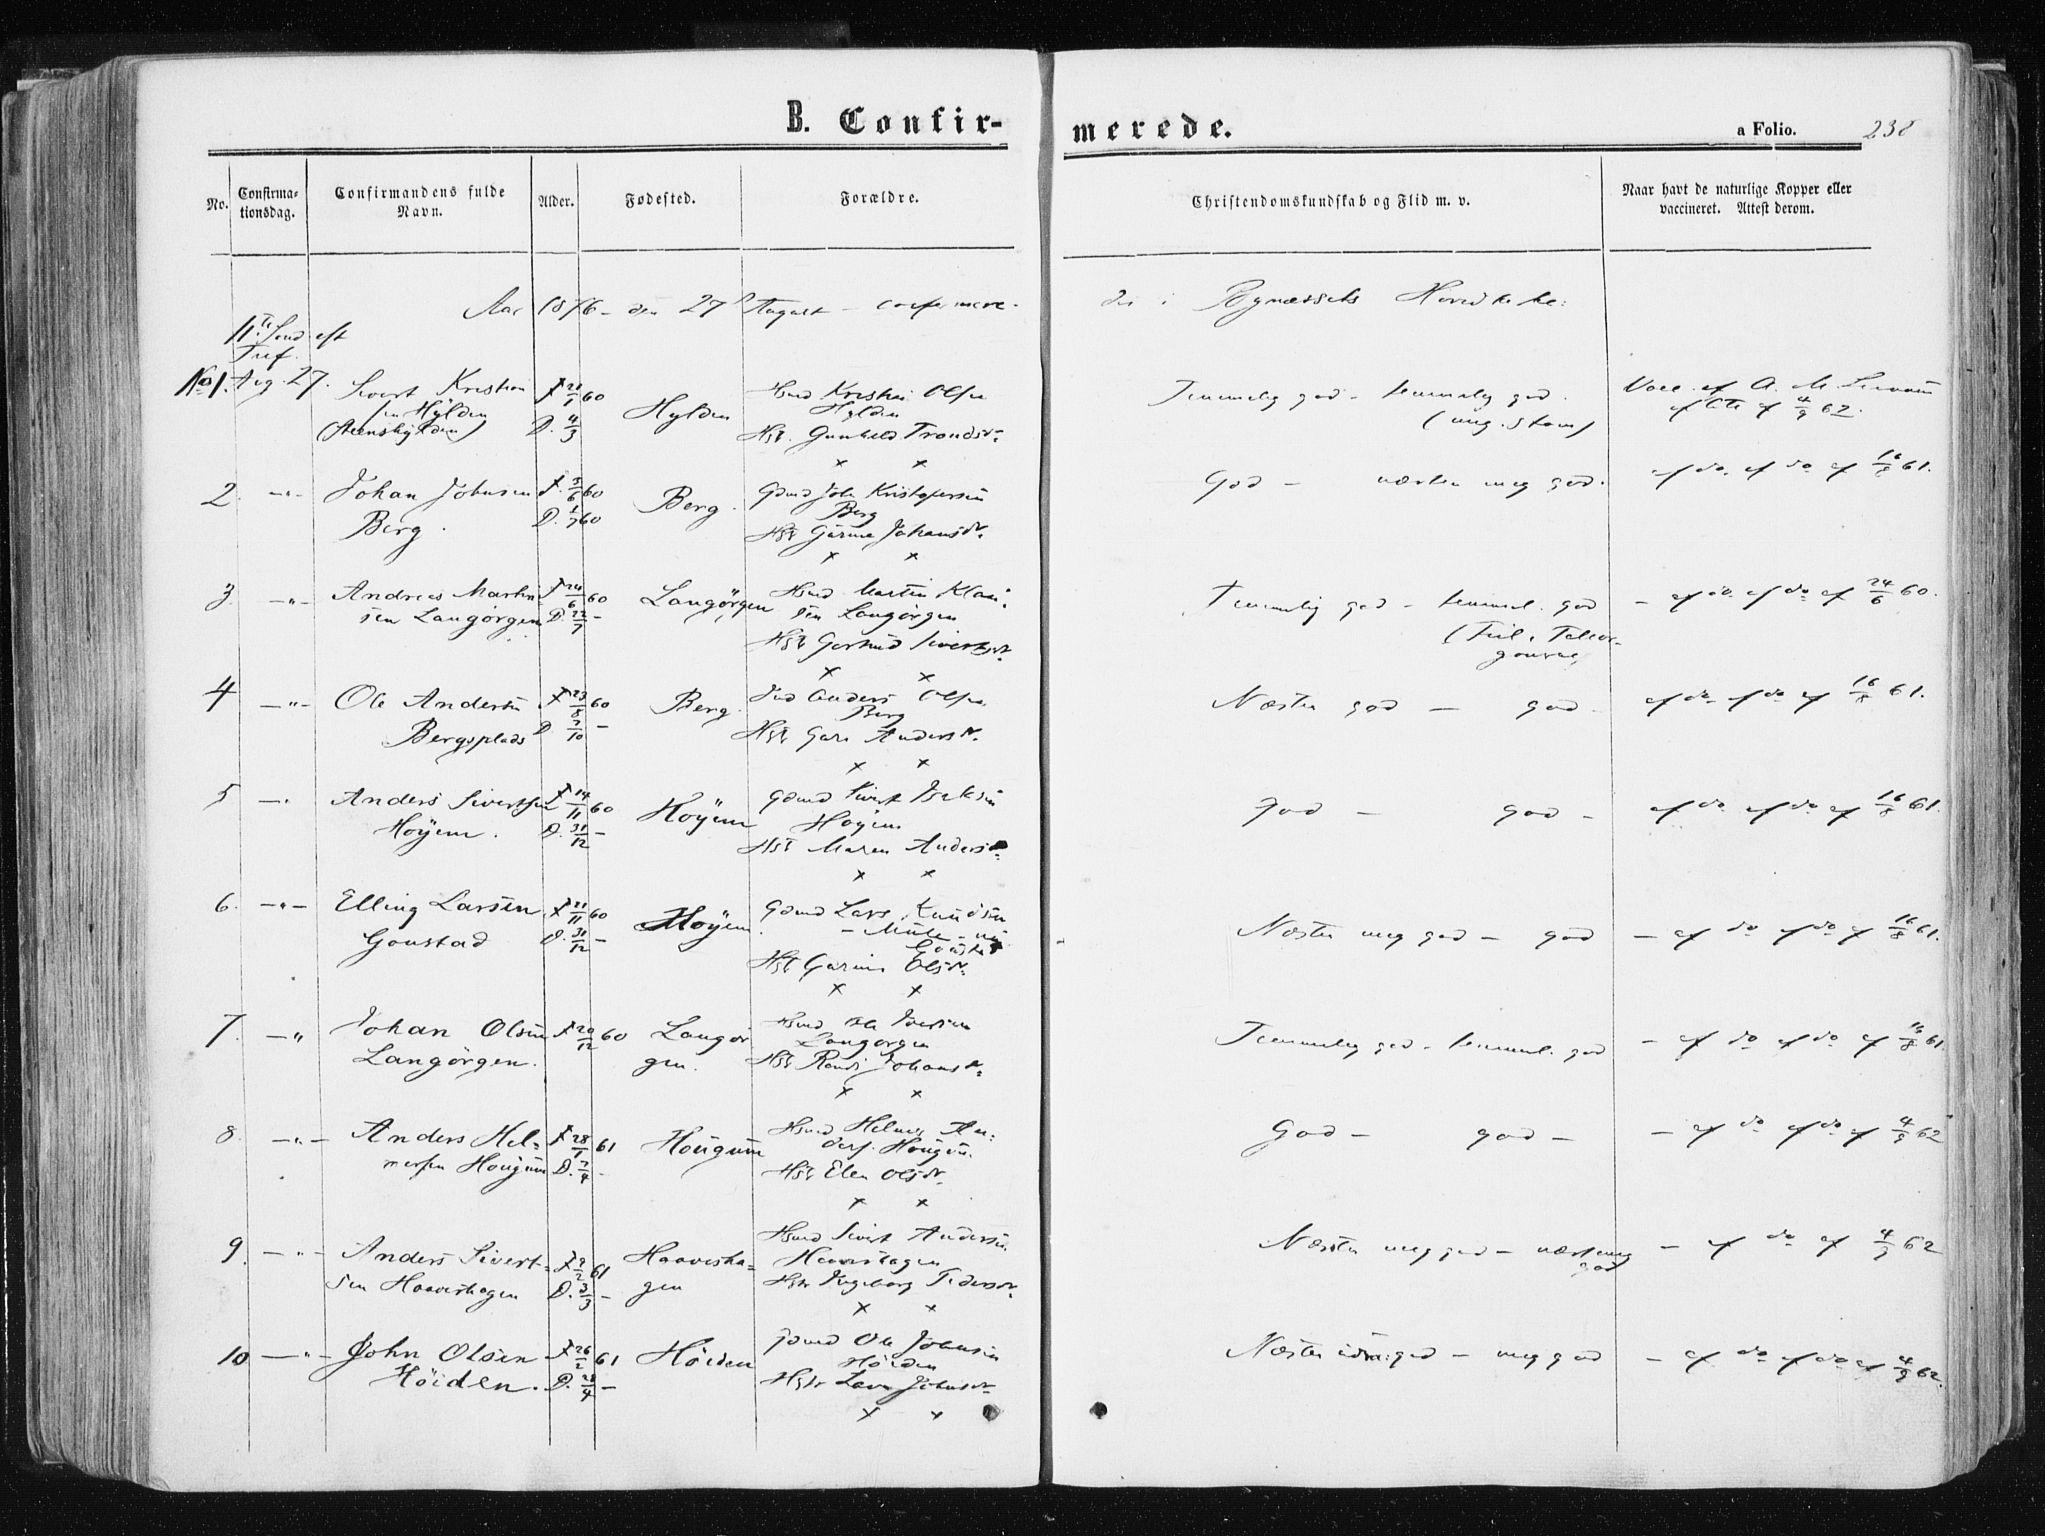 SAT, Ministerialprotokoller, klokkerbøker og fødselsregistre - Sør-Trøndelag, 612/L0377: Ministerialbok nr. 612A09, 1859-1877, s. 238